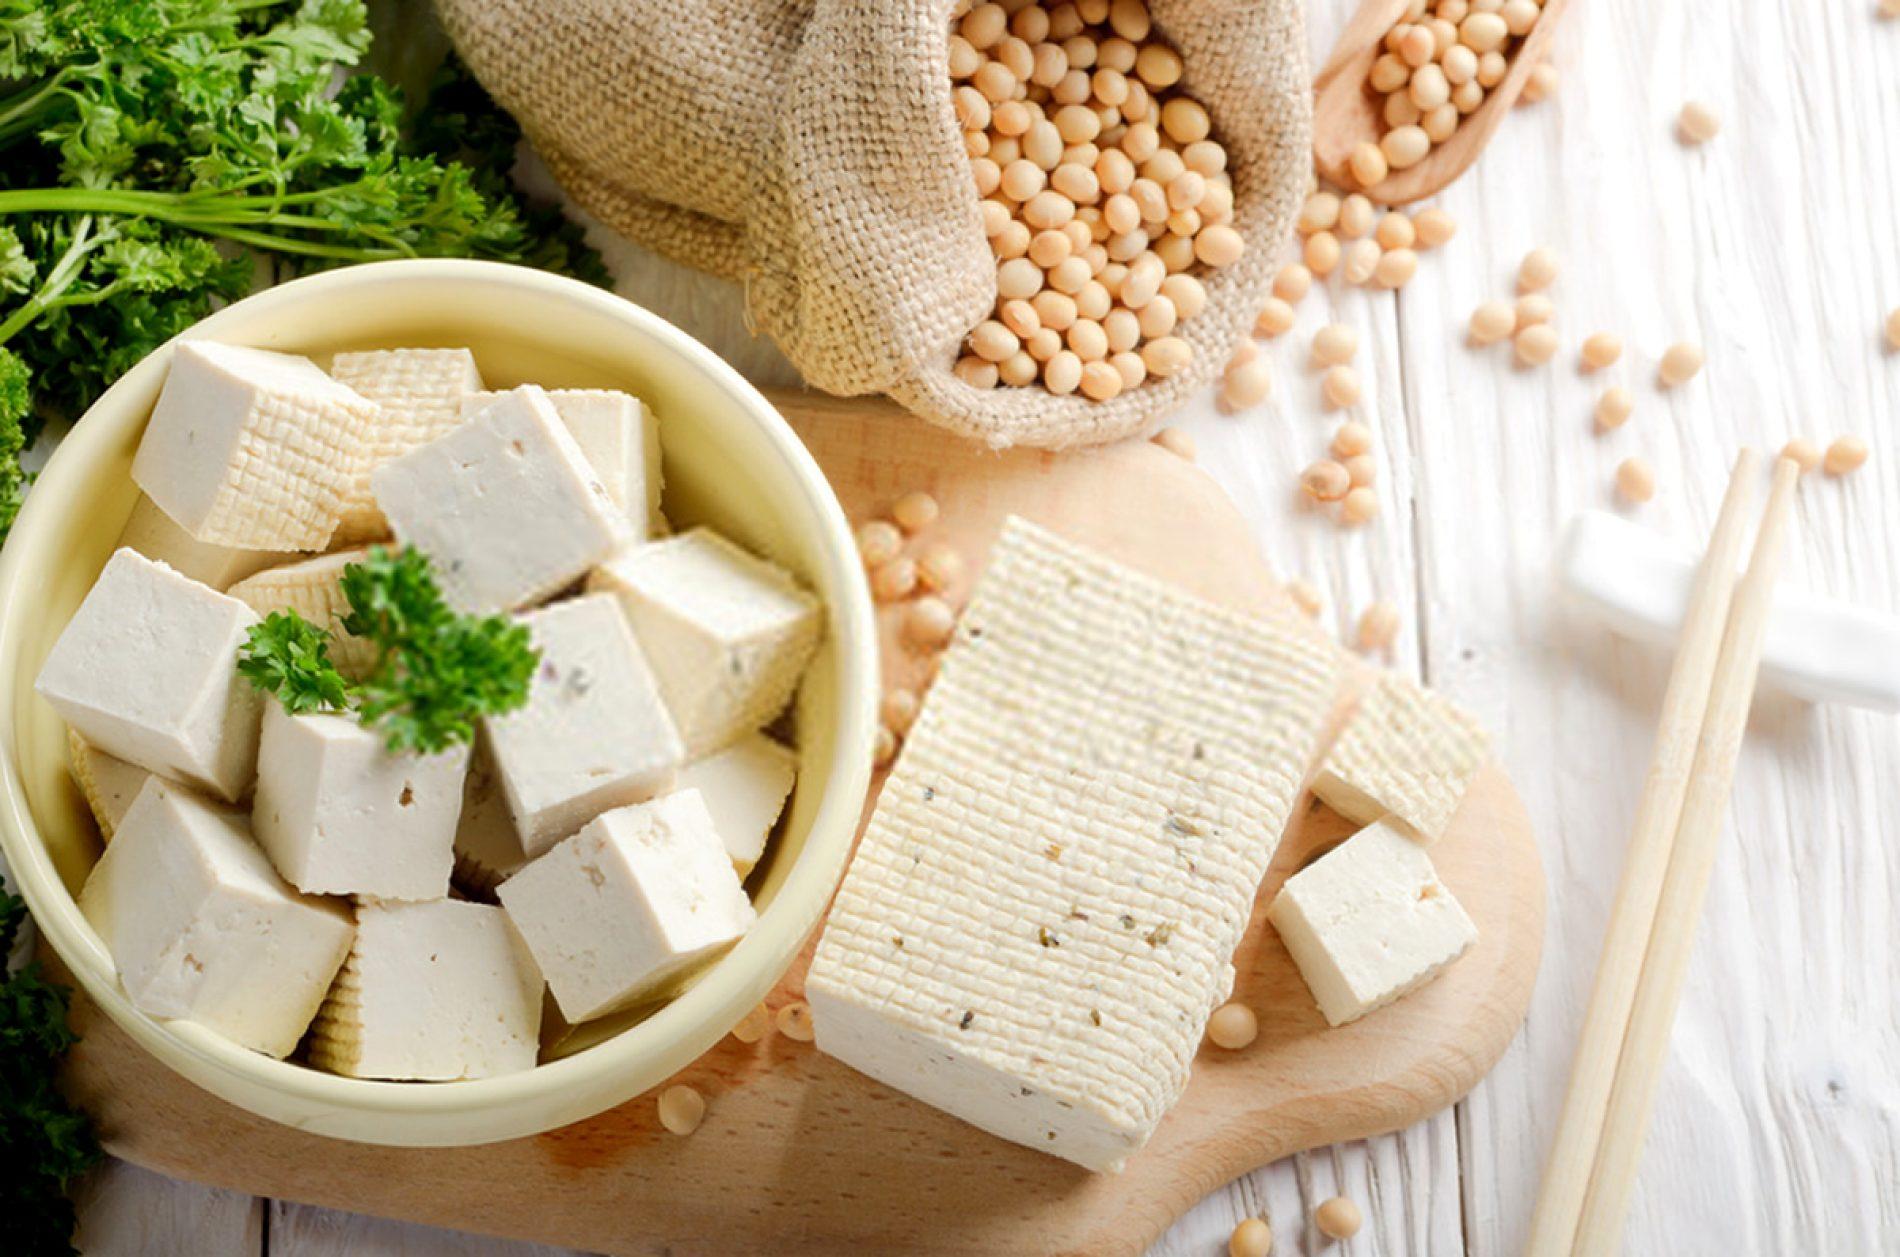 O que é Tofu? Conheça sete benefícios para a saúde